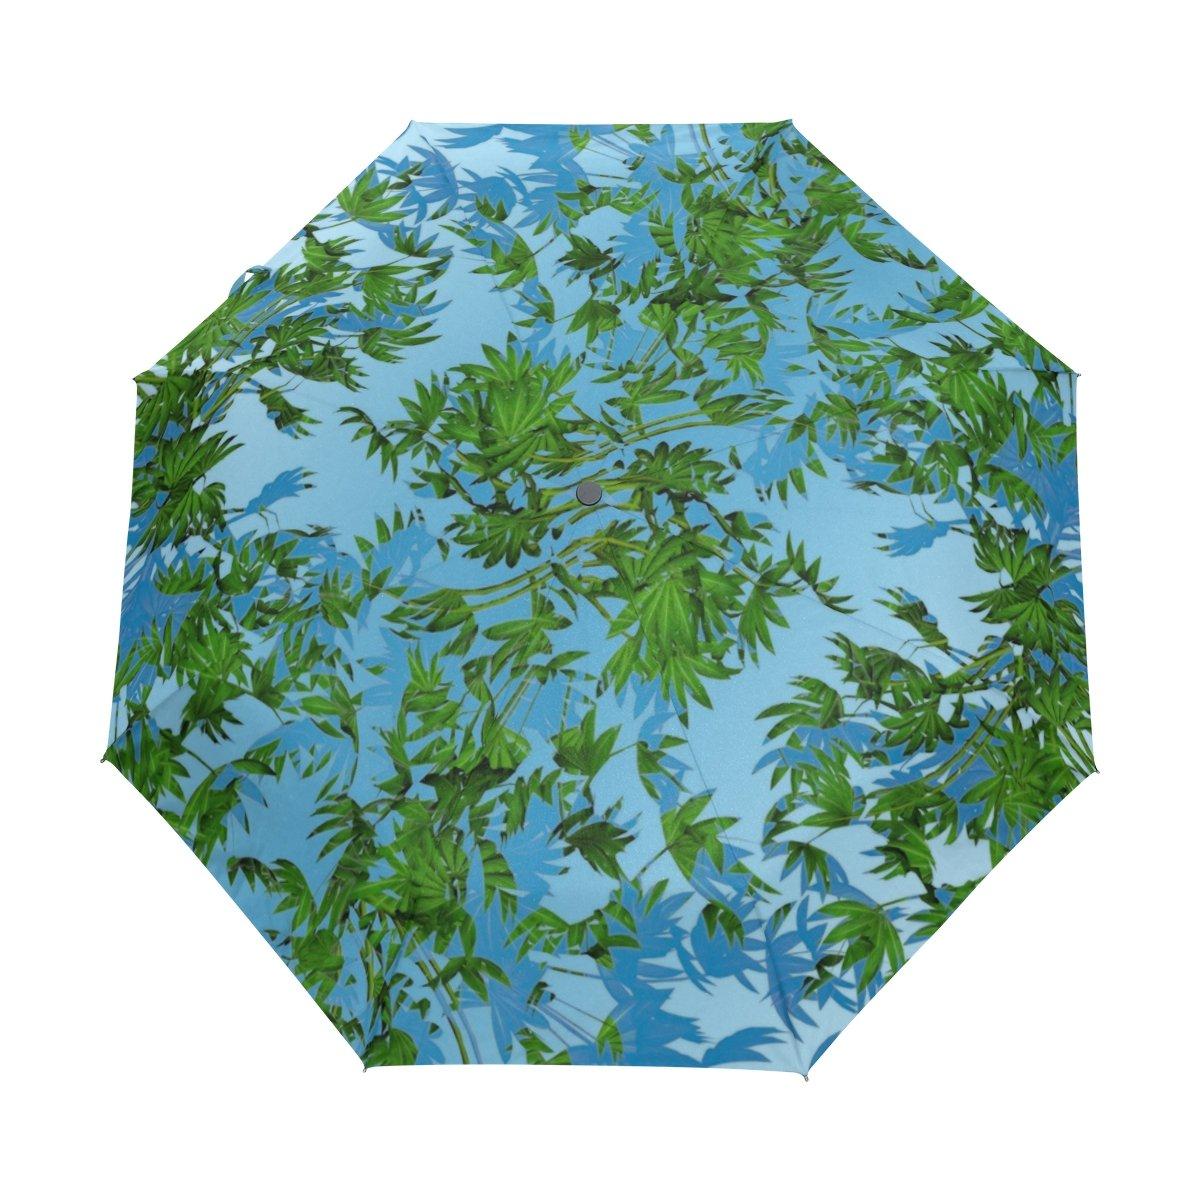 lavovoグリーンブルーリーフ傘ダブルキャノピー自動オープンand Close折りたたみ式旅行雨傘   B073TSVKZ9